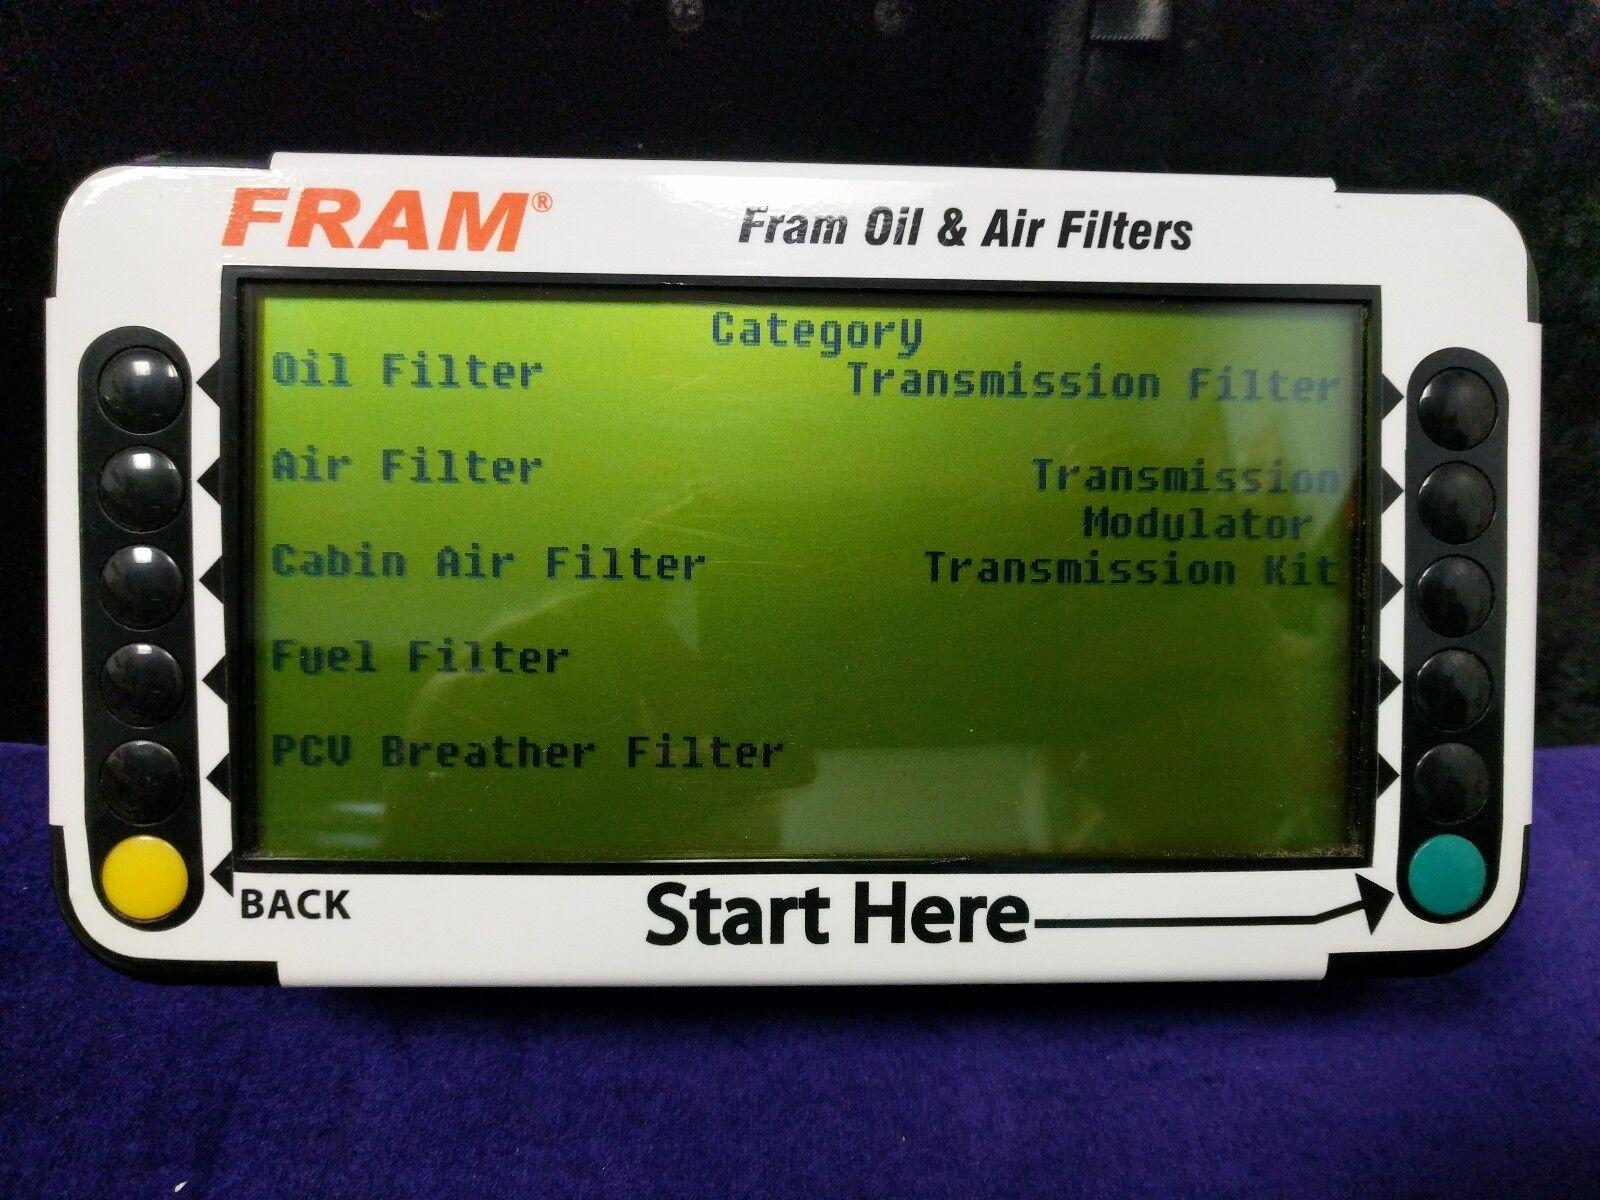 1x programmiert fram verwendet (arbeits -) - inc. smi-g2 den digitalen teilen a49.